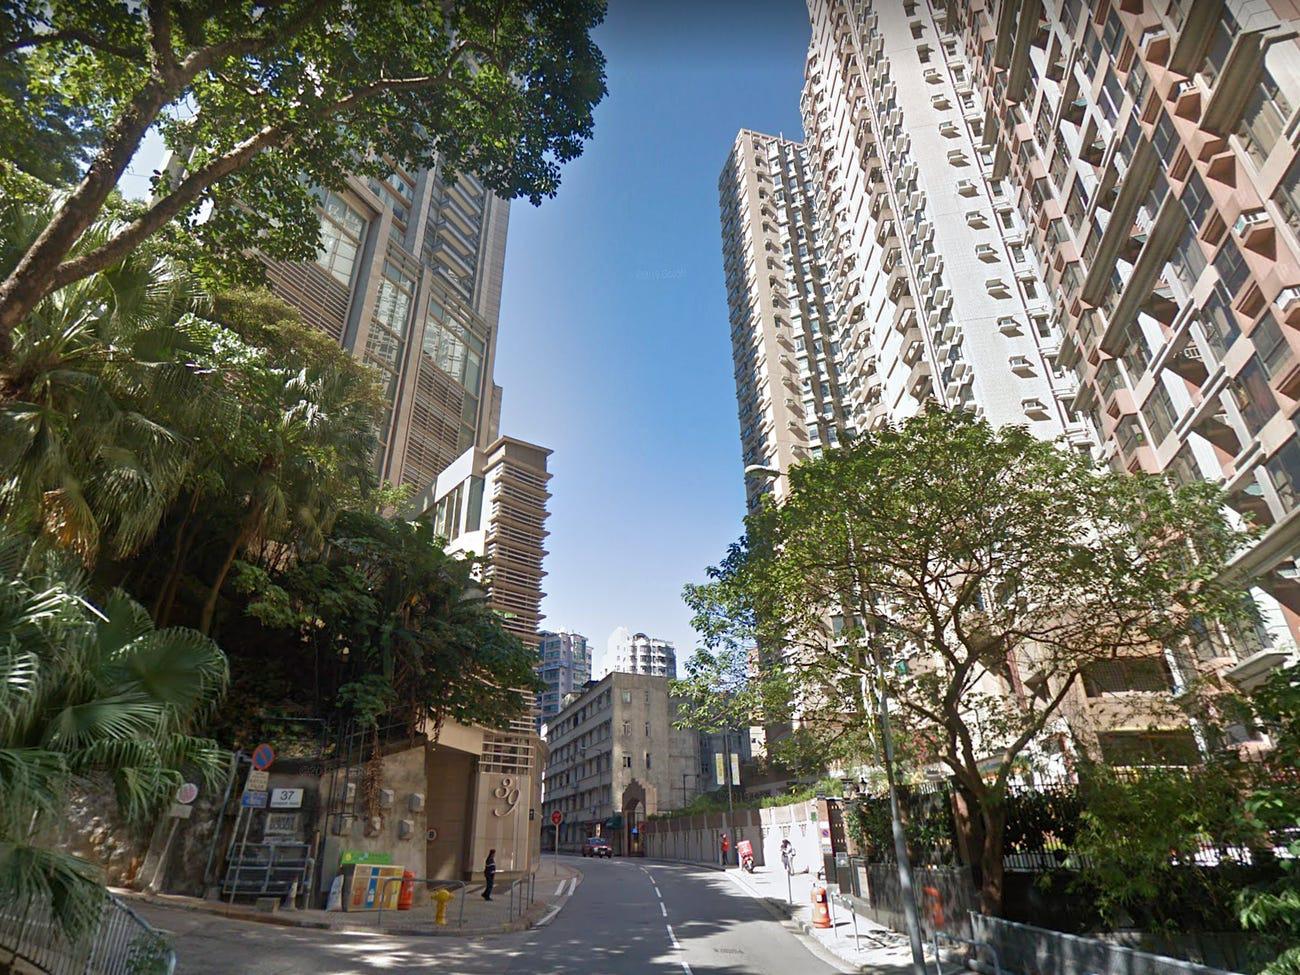 Đường Conduit, Hồng Kông